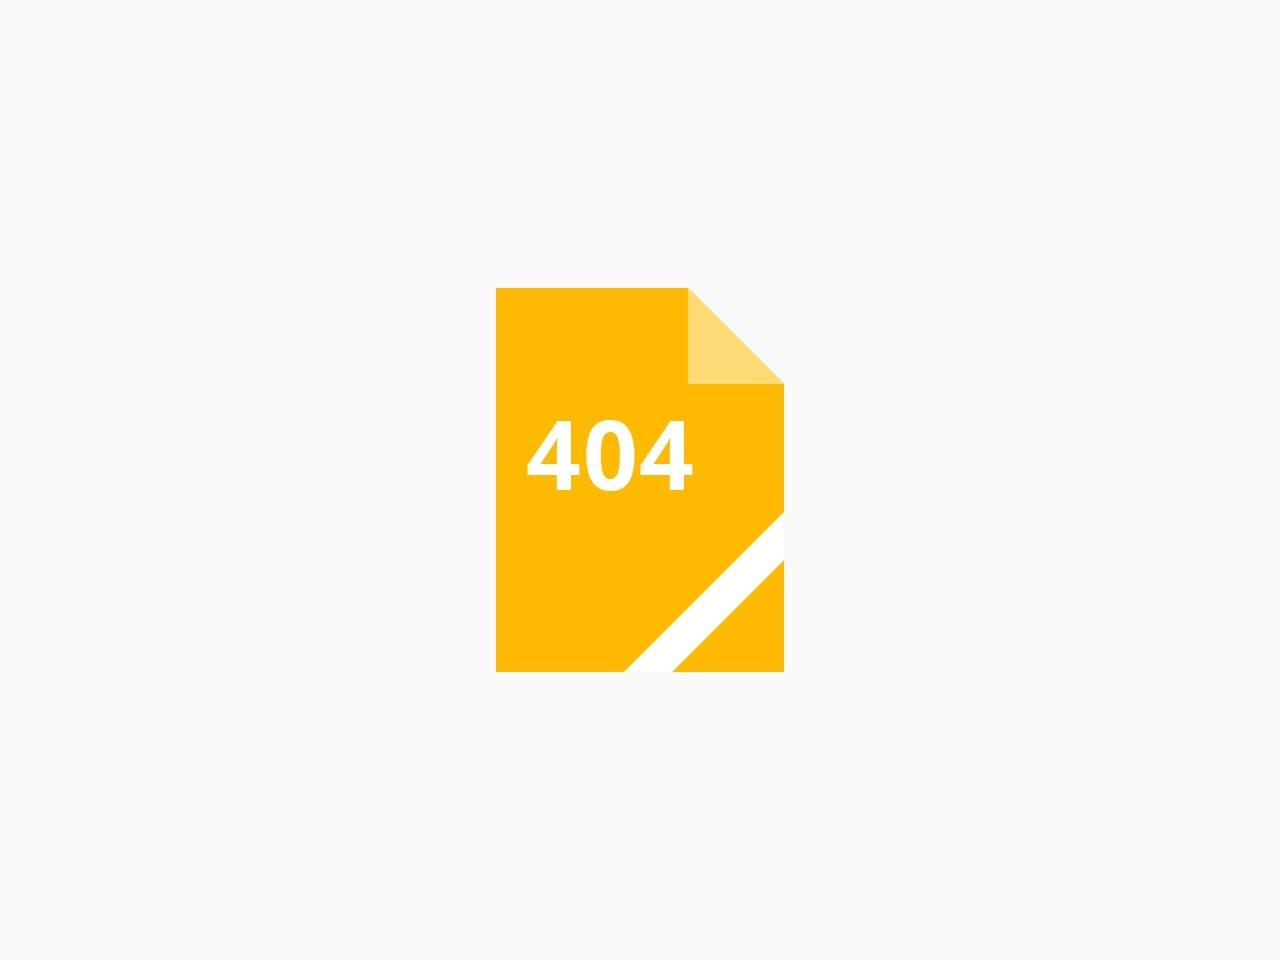 ノーリツ九州販売株式会社熊本営業所